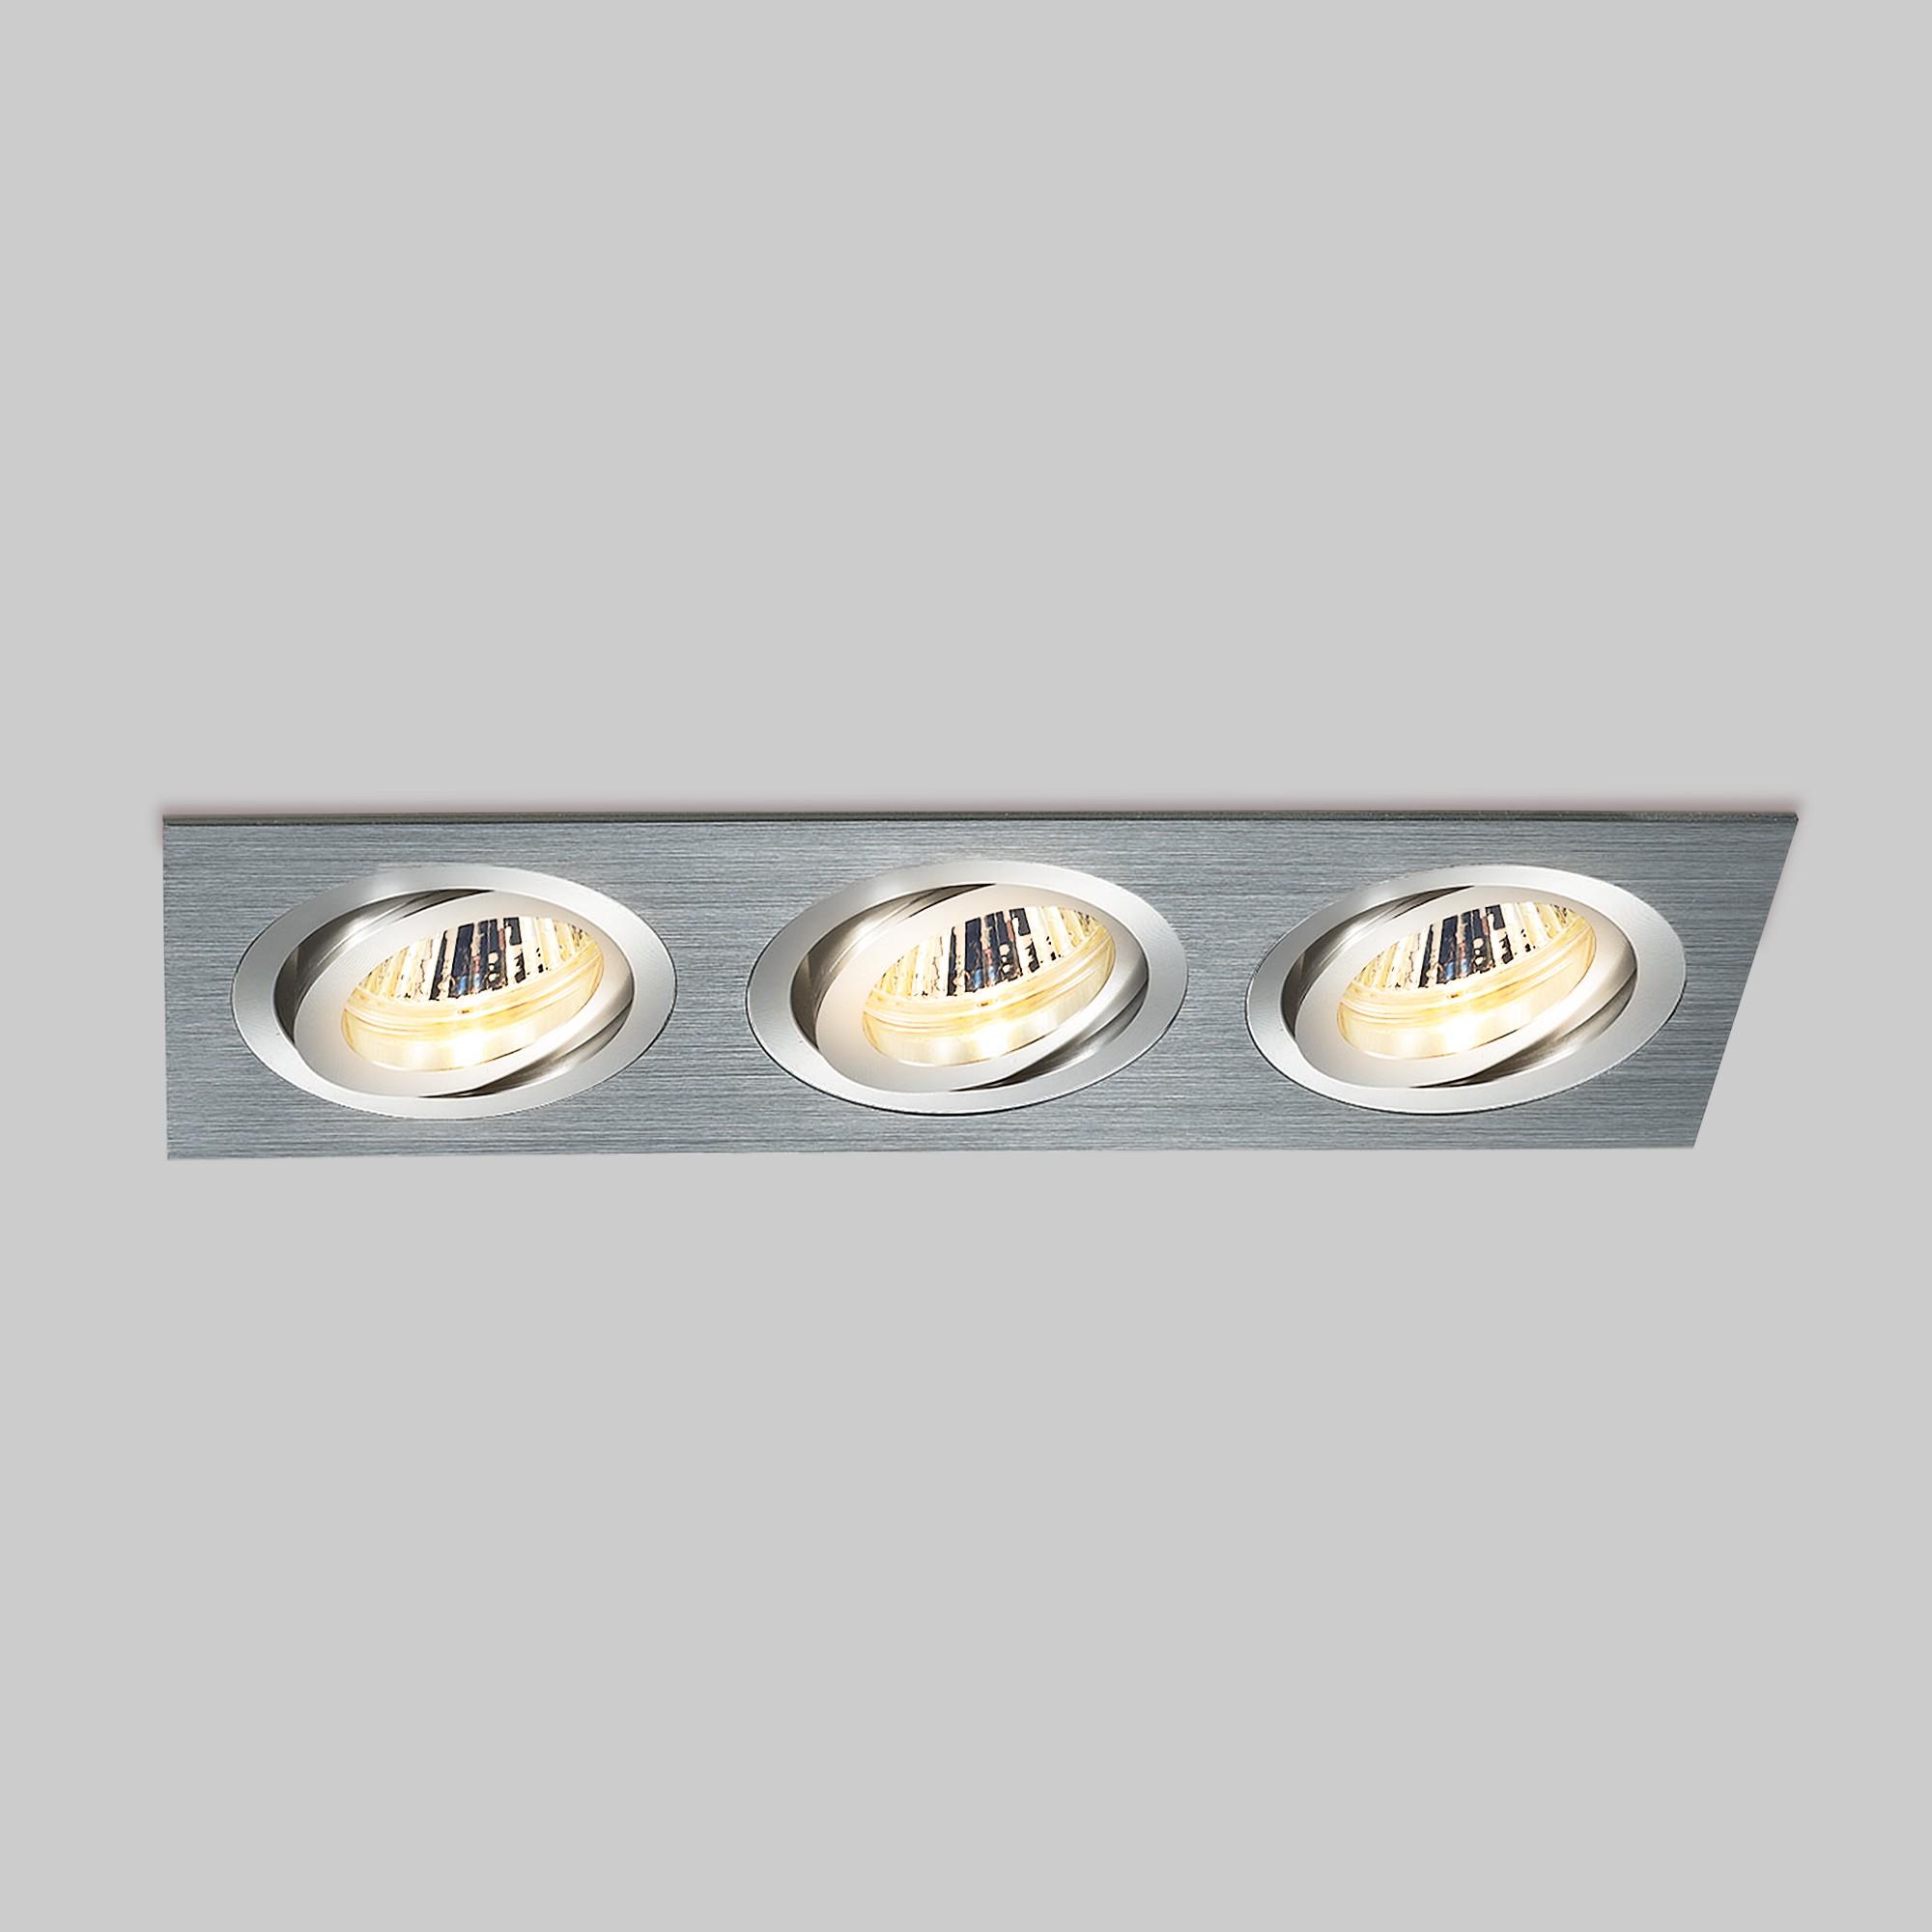 Фото Встраиваемый светильник Elektrostandard 1011 a029904